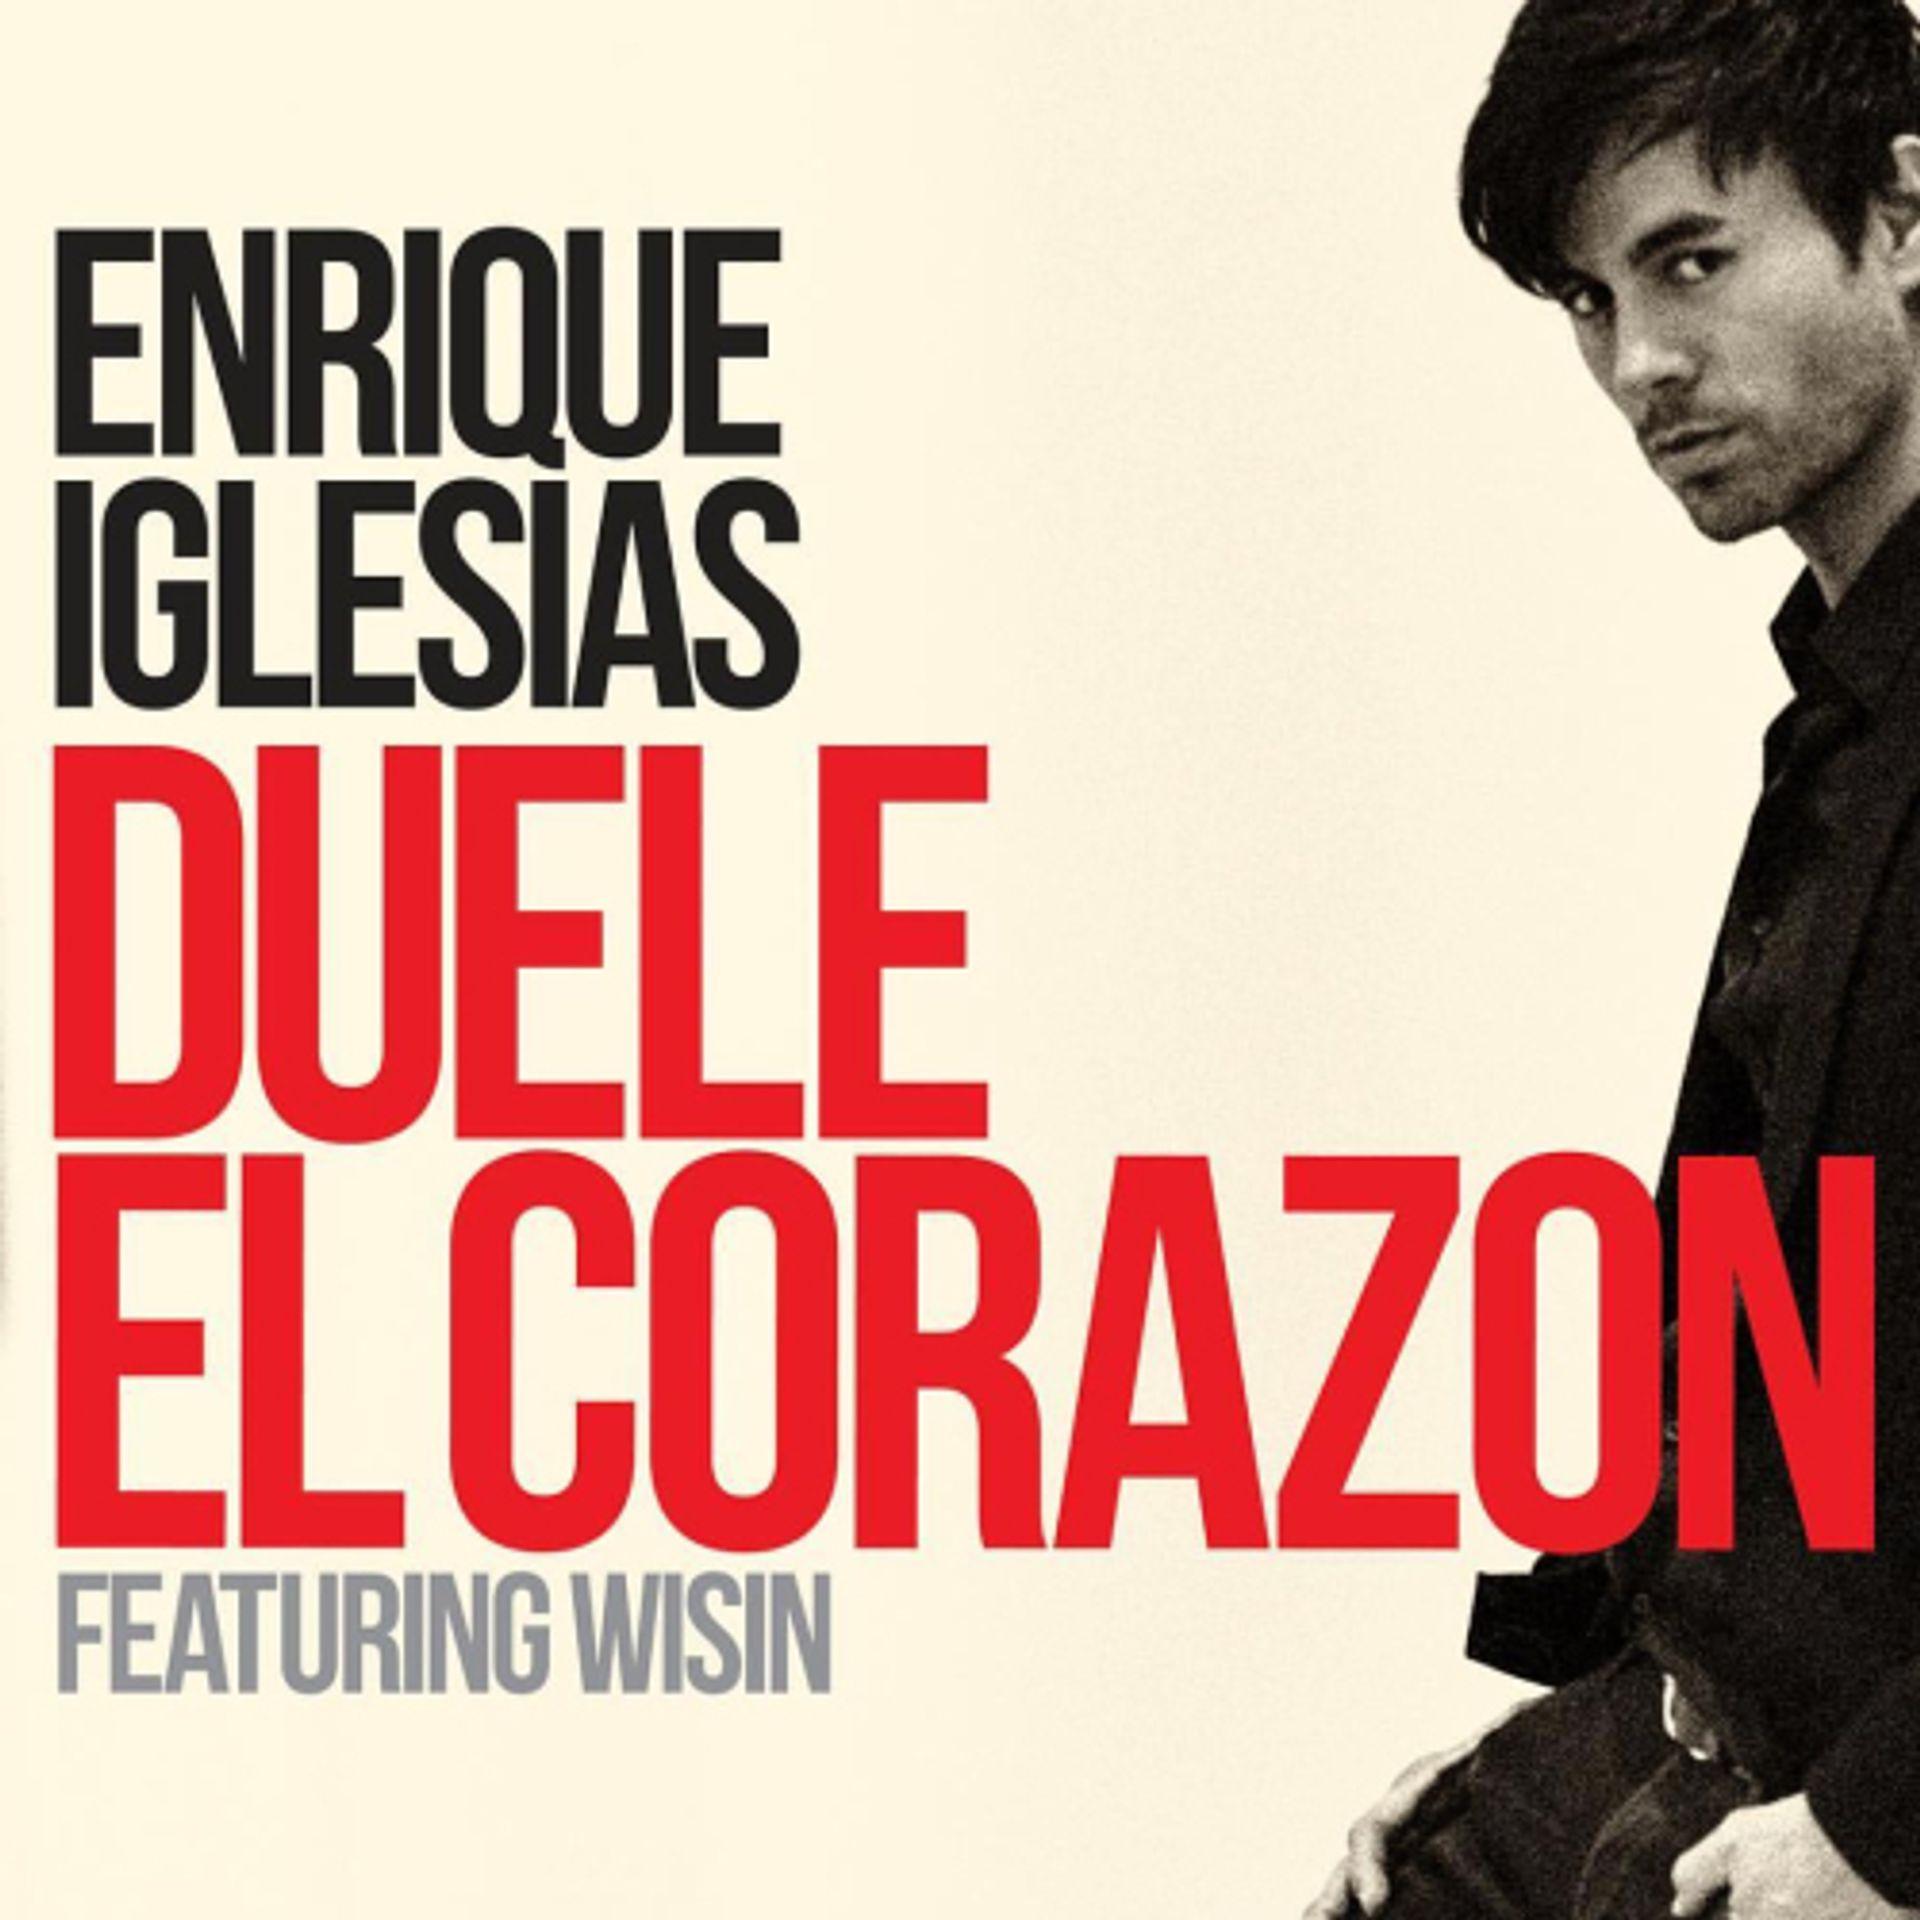 DUELE EL CORAZON (FT. WISIN)